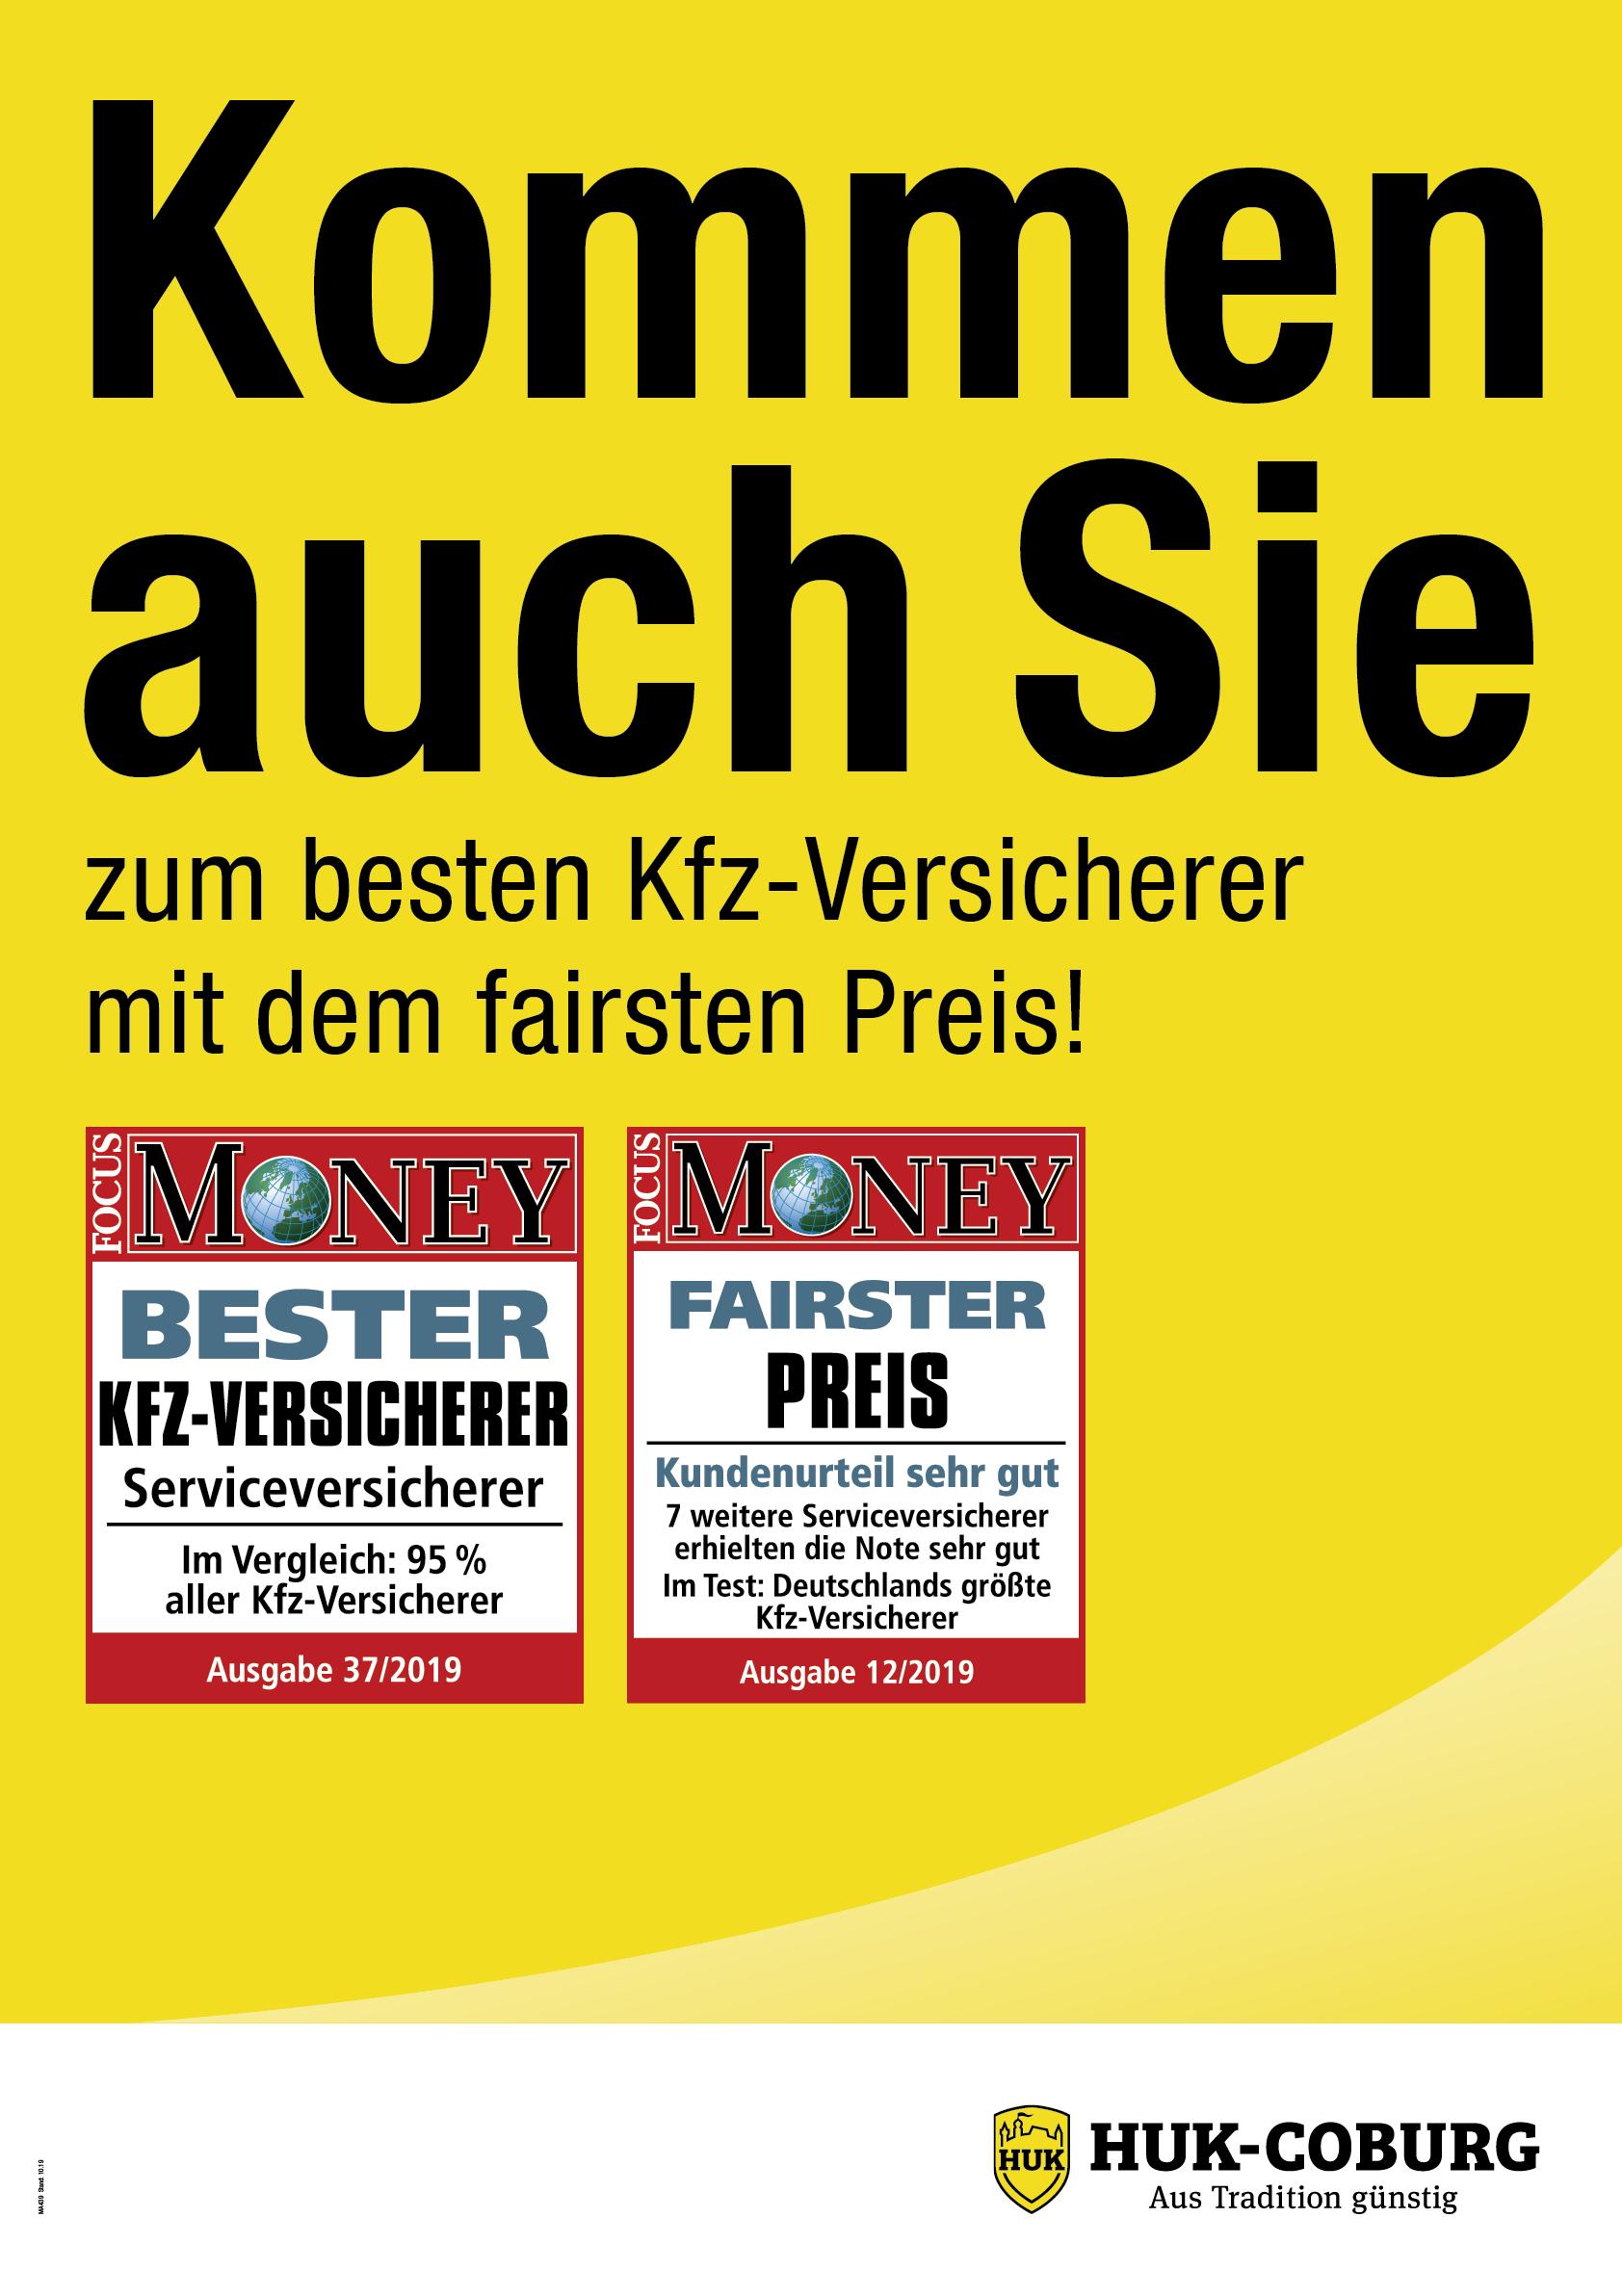 HUK-COBURG Versicherung Peter Müller in Rennerod